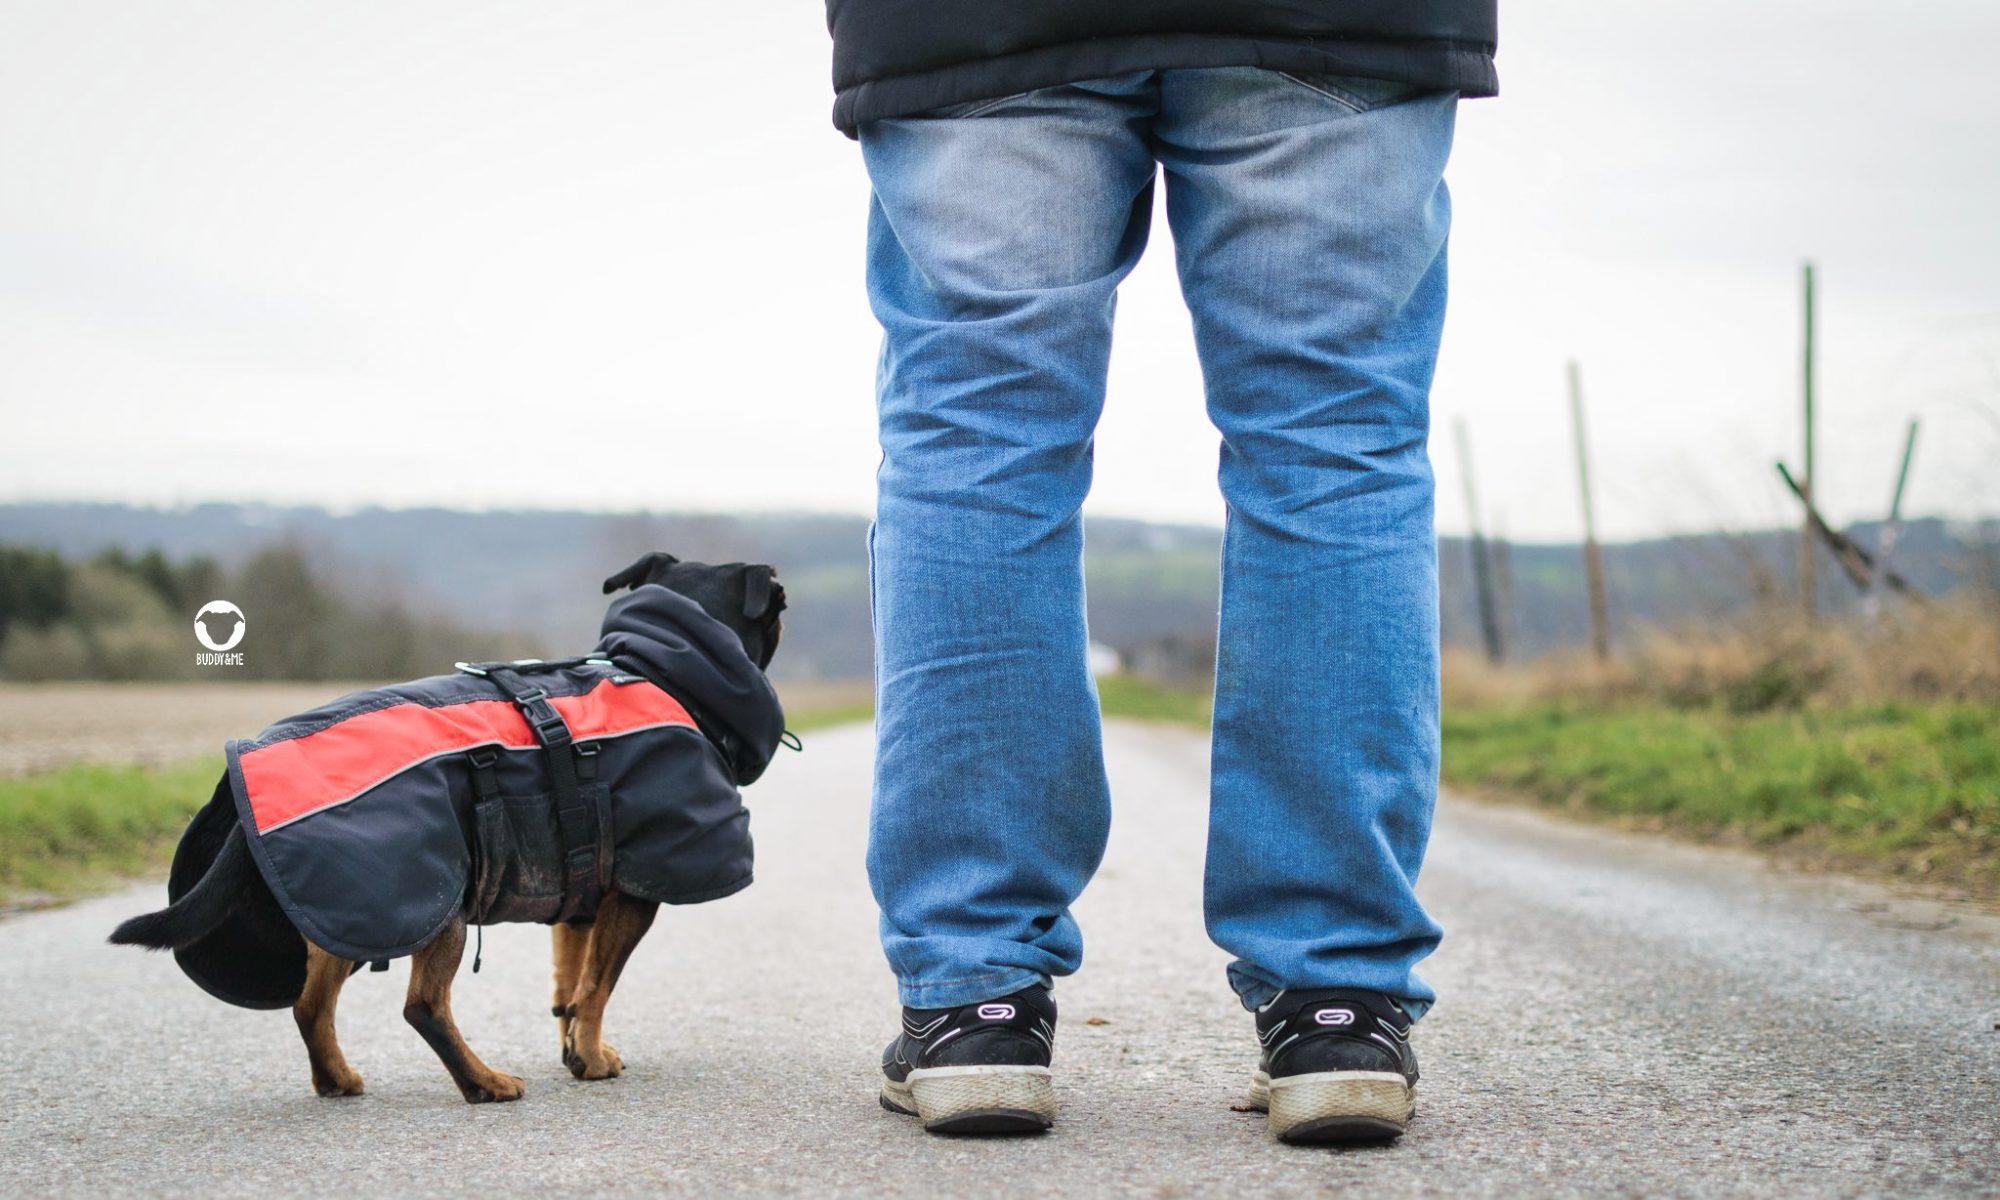 Pinscher Buddy, Buddy and Me, Hundeblog, Dogblog, Alltag, Spaziergang, März, Winter, Sturm, Kälte, Gassi, unterwegs